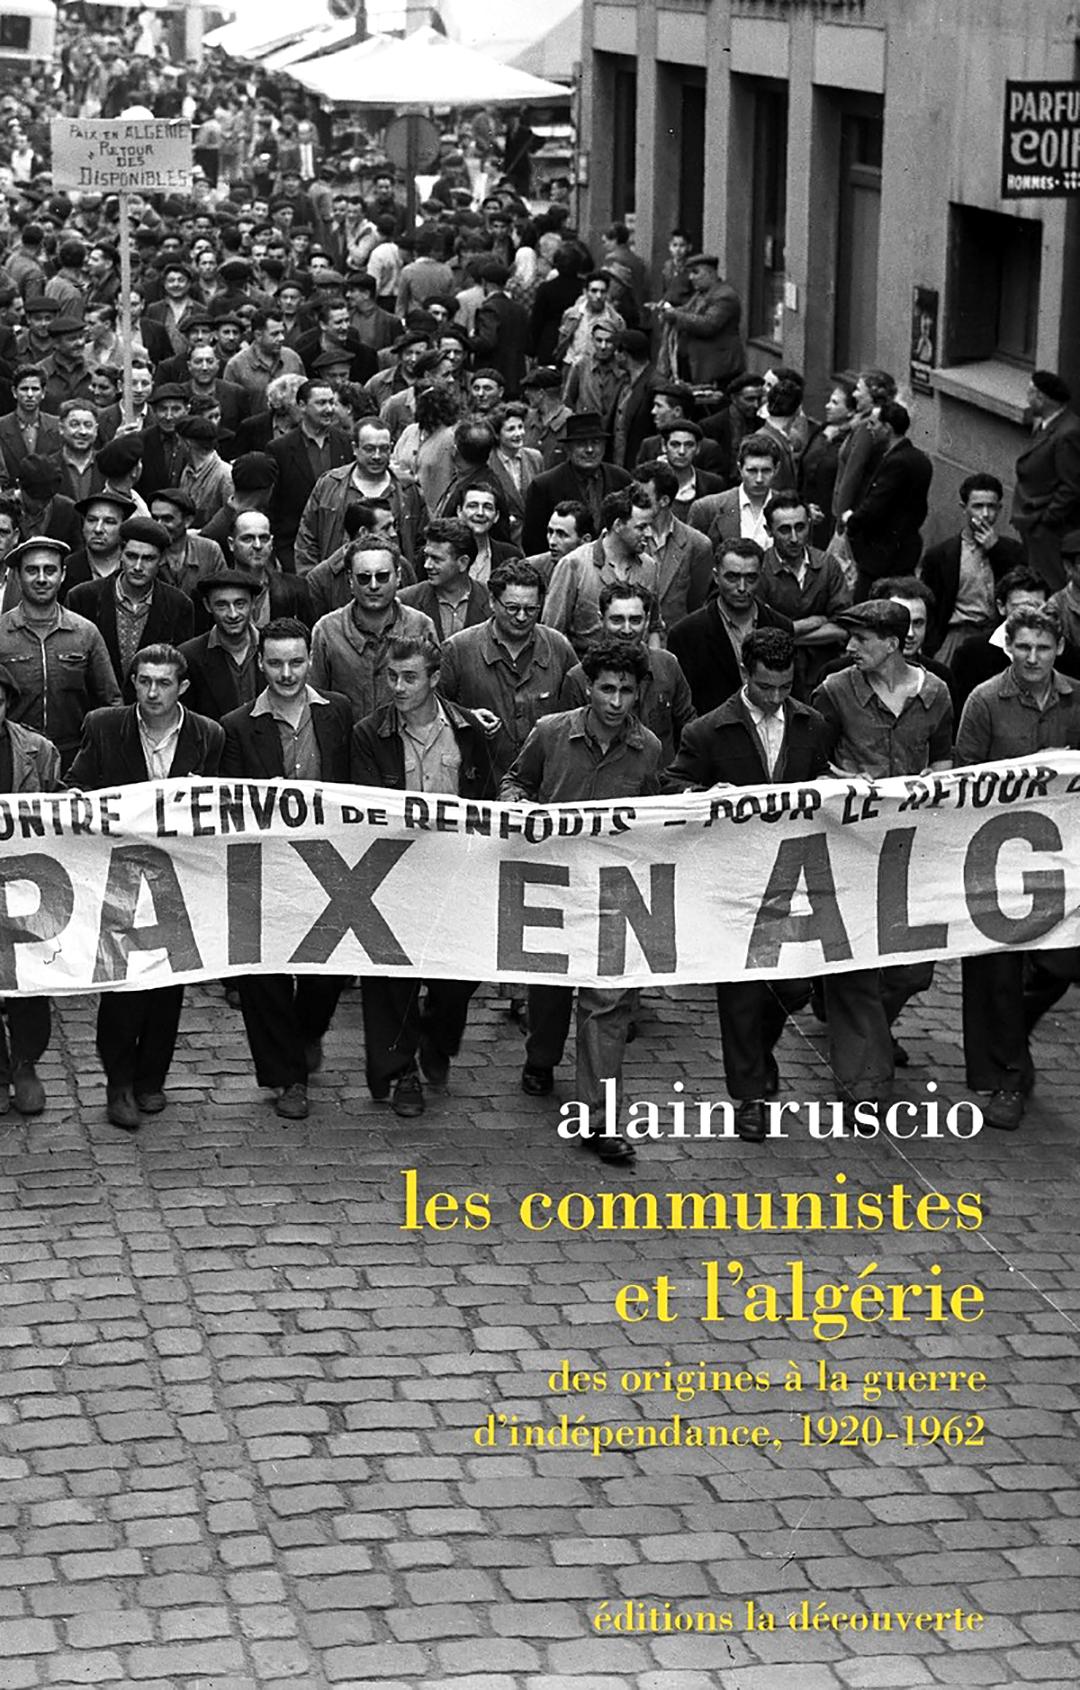 Les Communistes et l'Algérie, d'Alain Ruscio, La Découverte, 664 pages, 28euros